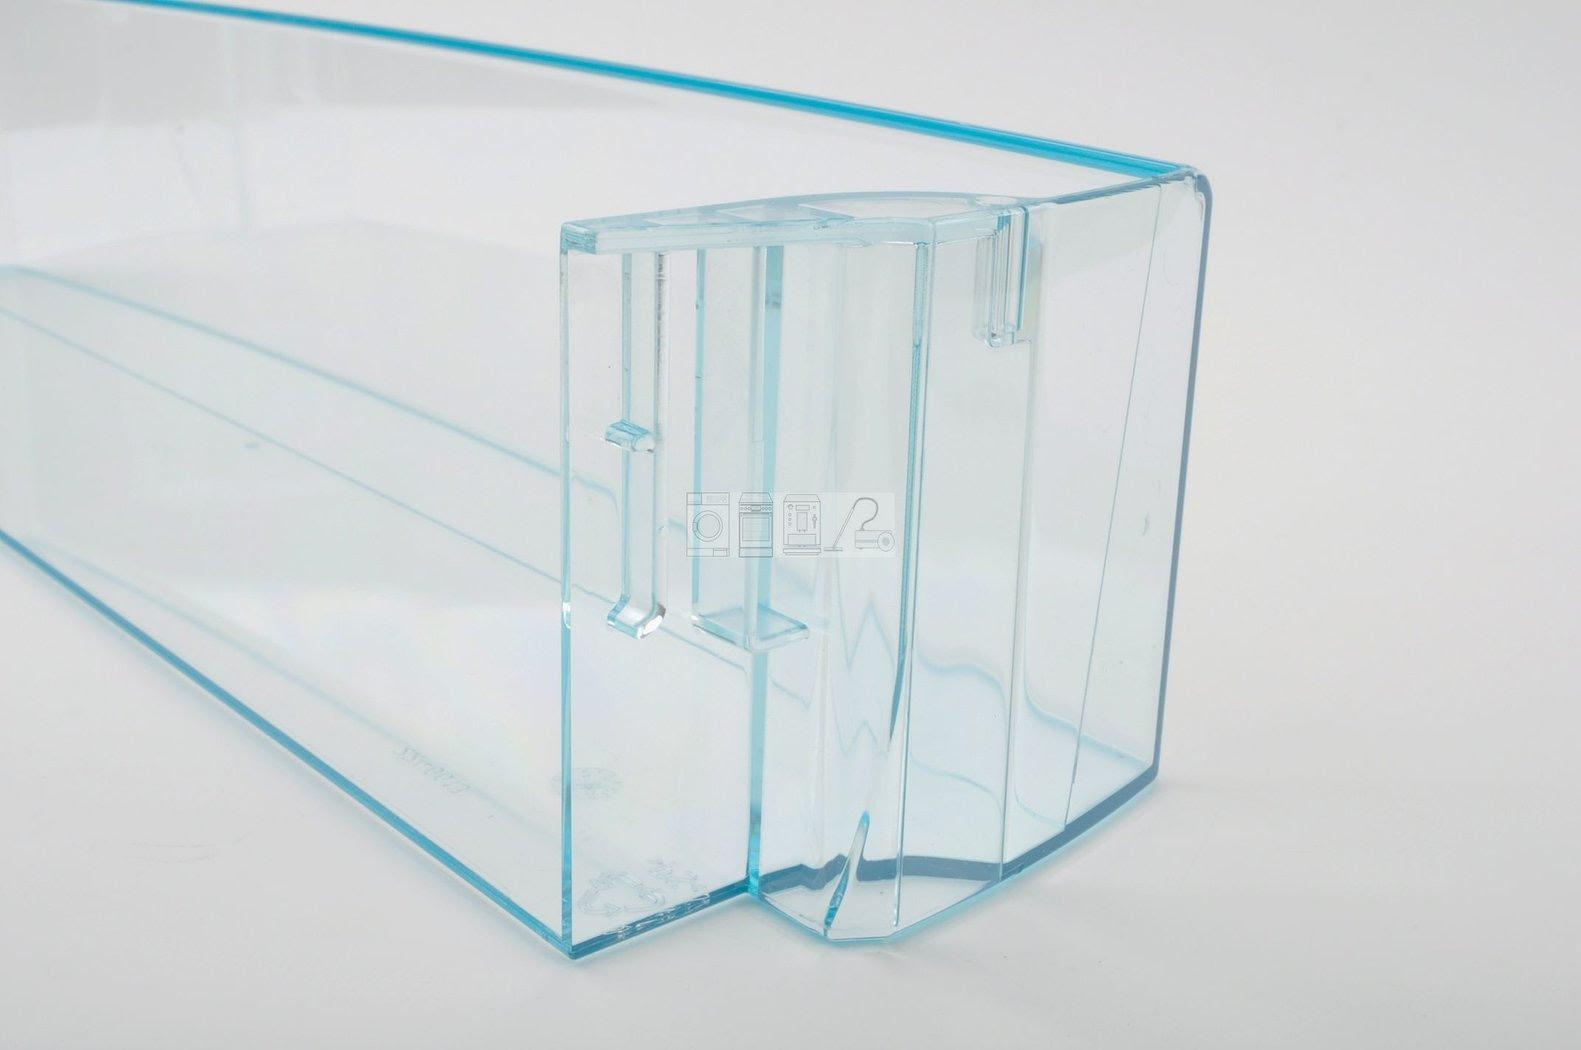 Bosch Kühlschrank Classic Edition Ersatzteile : Privileg kühlschrank ablage hickman beverly blog